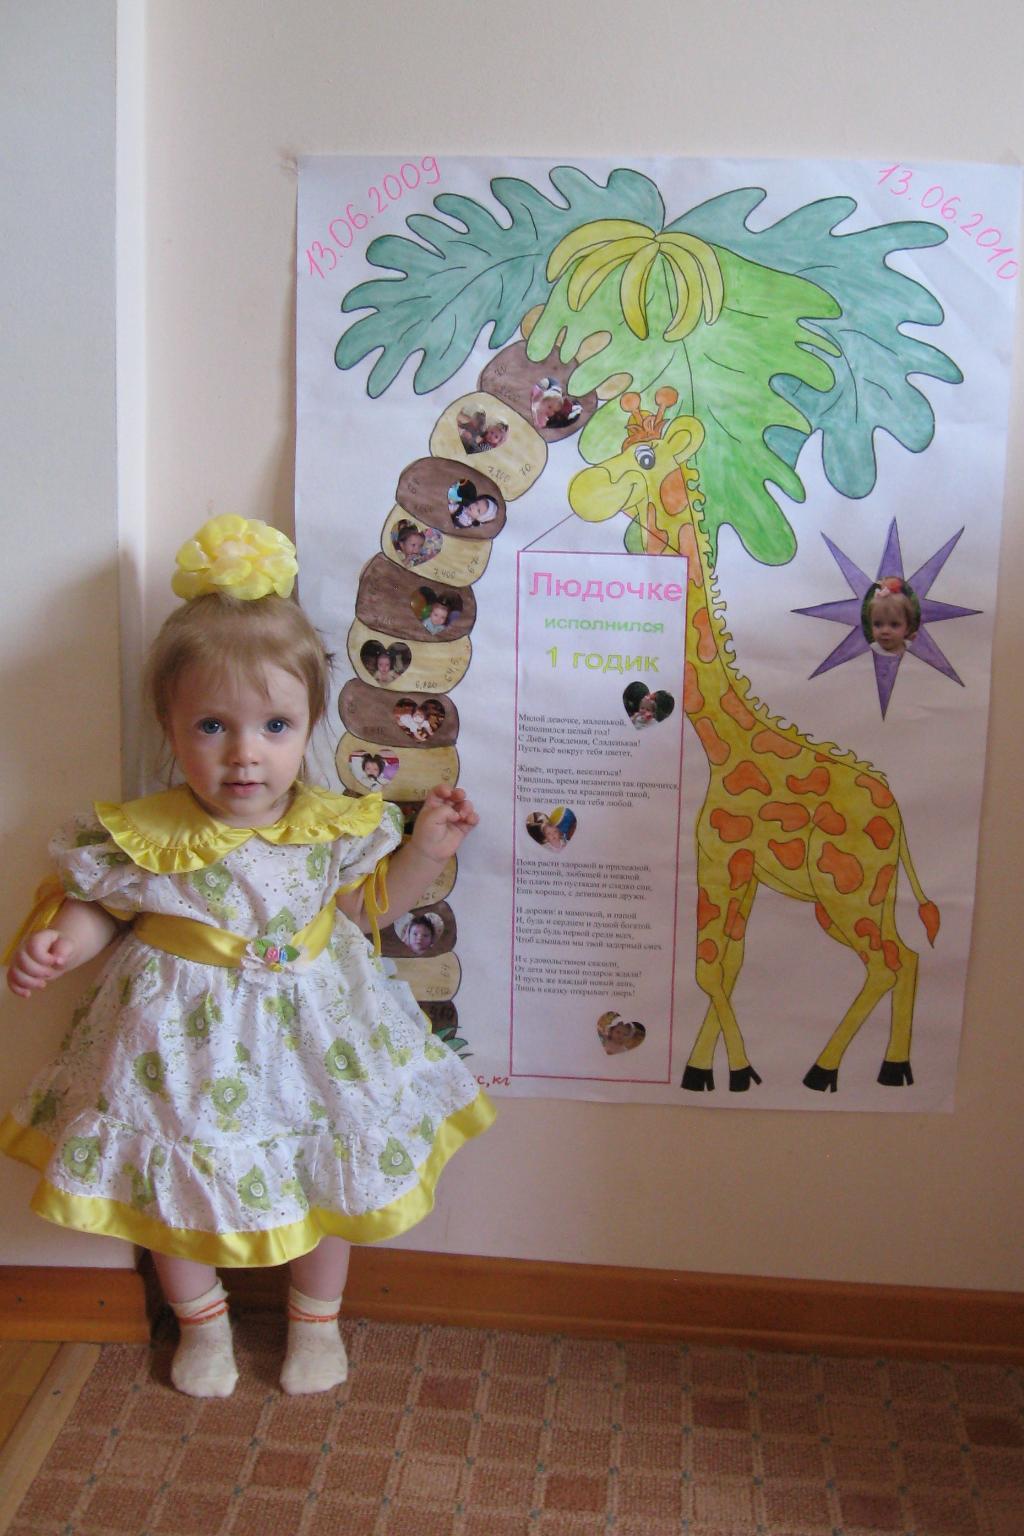 Людочке исполнился 1 годик. Первый День рождения